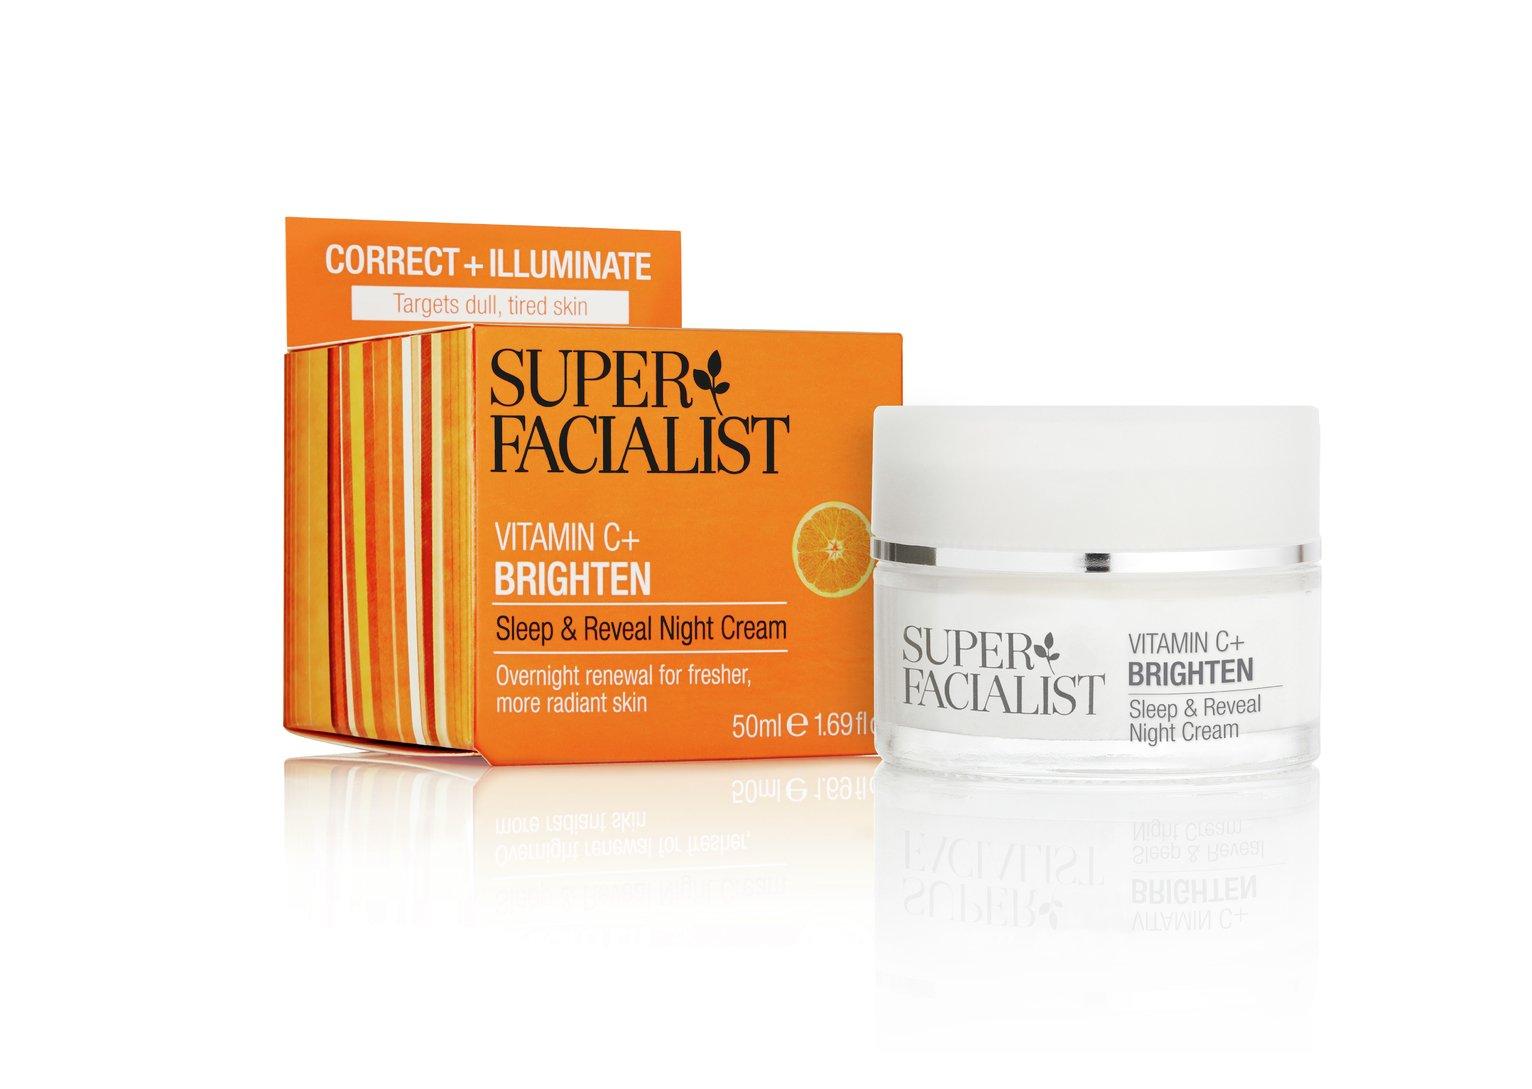 Super Facialist Vitamin C Night Cream - 50ml